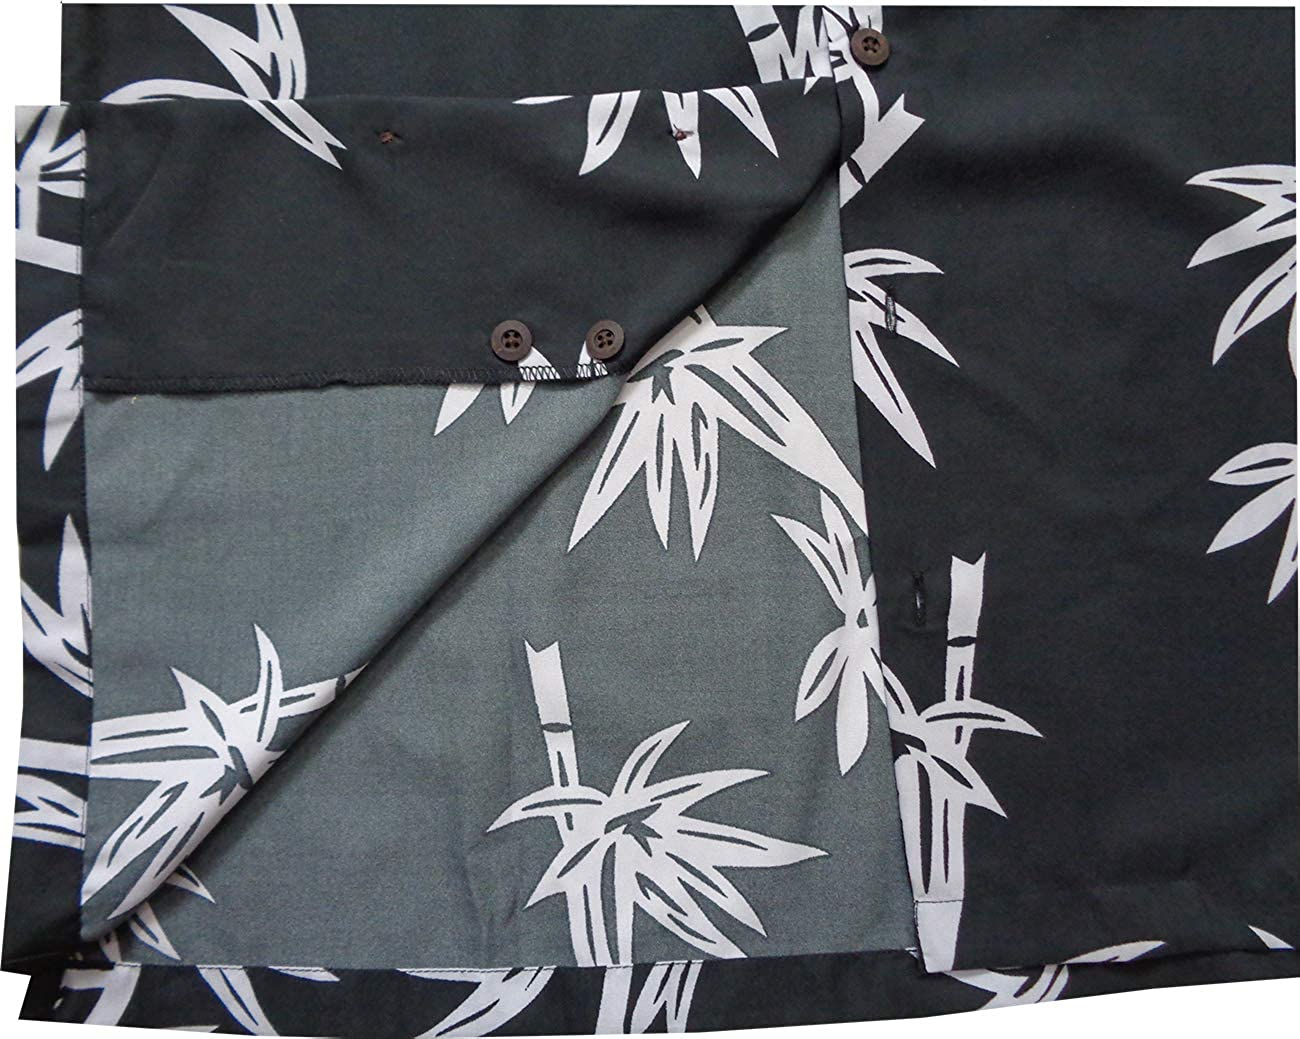 Camisas hawaiianas para hombre dise/ño /árbol de bamb/ú playa fiesta vacaciones